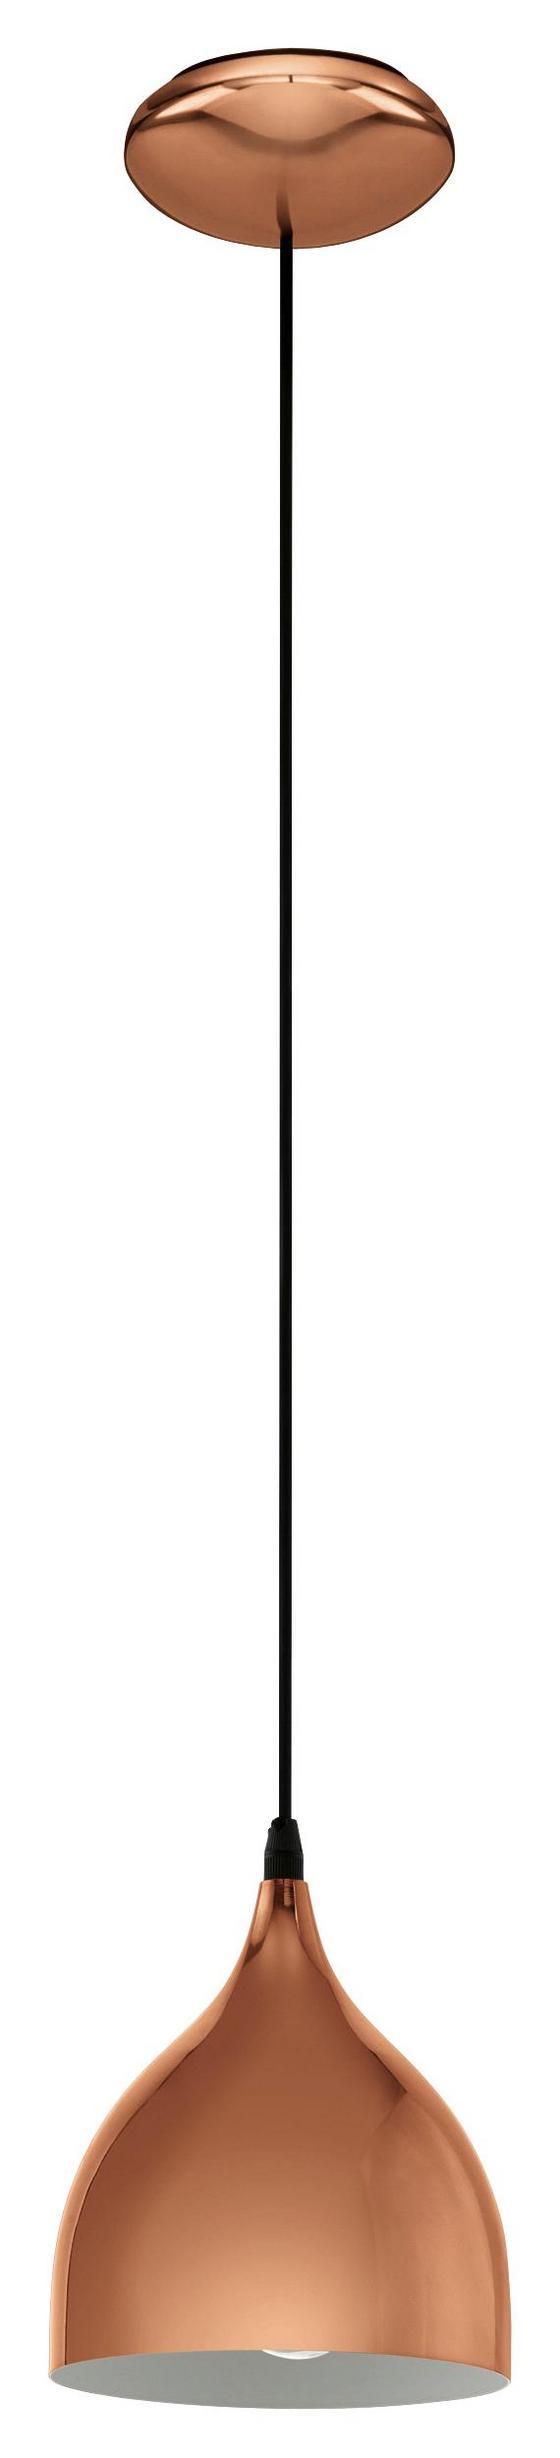 Hängeleuchte Coretto Ø 17 cm - Kupferfarben, MODERN, Metall (17/110cm)